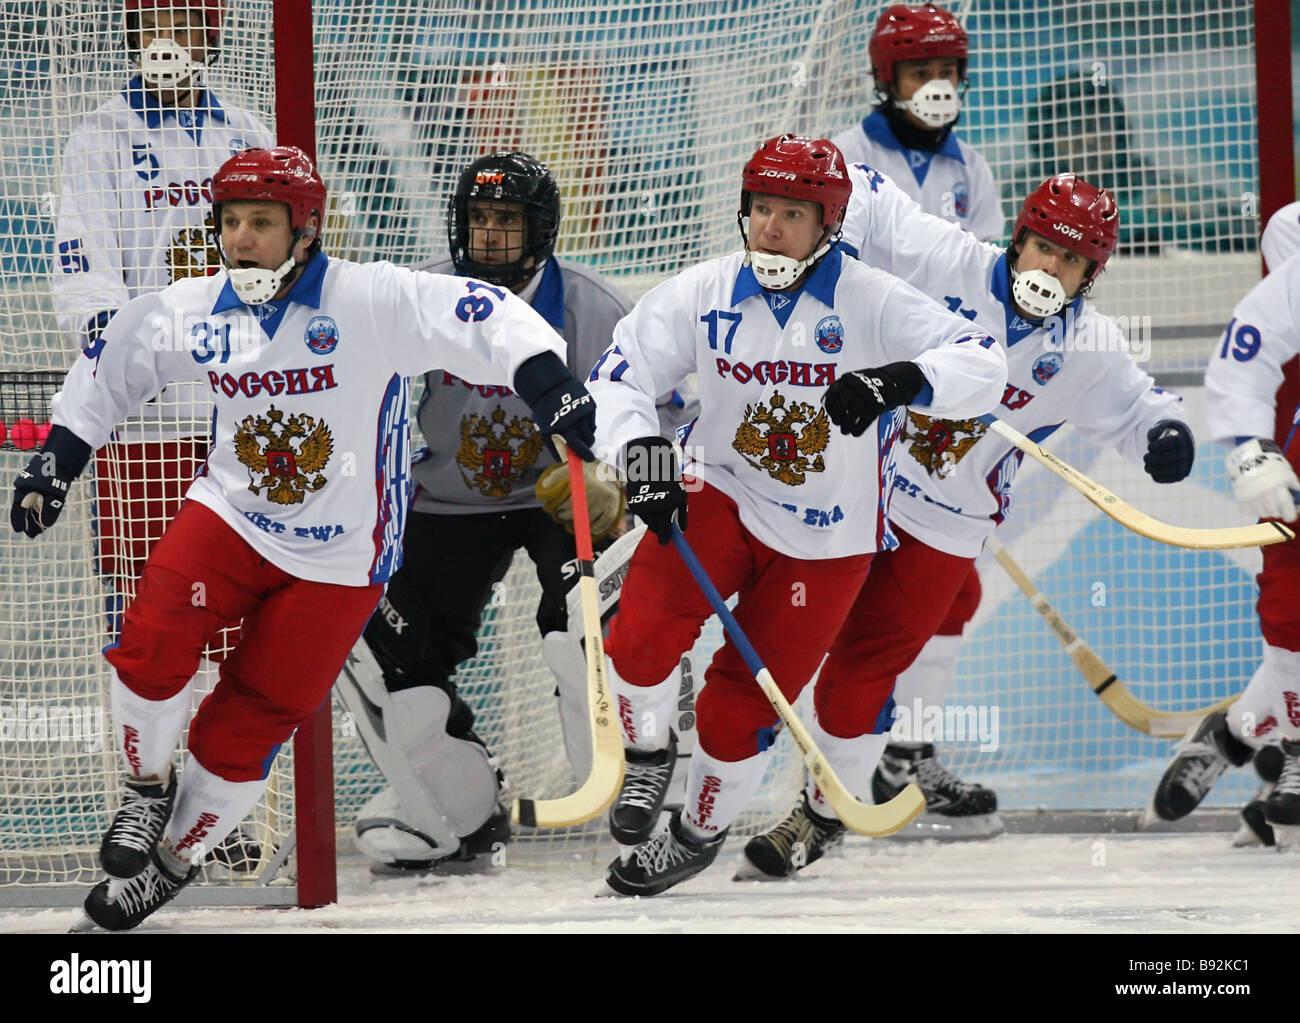 Les joueurs de hockey-balle russe de défendre leur but Photo Stock